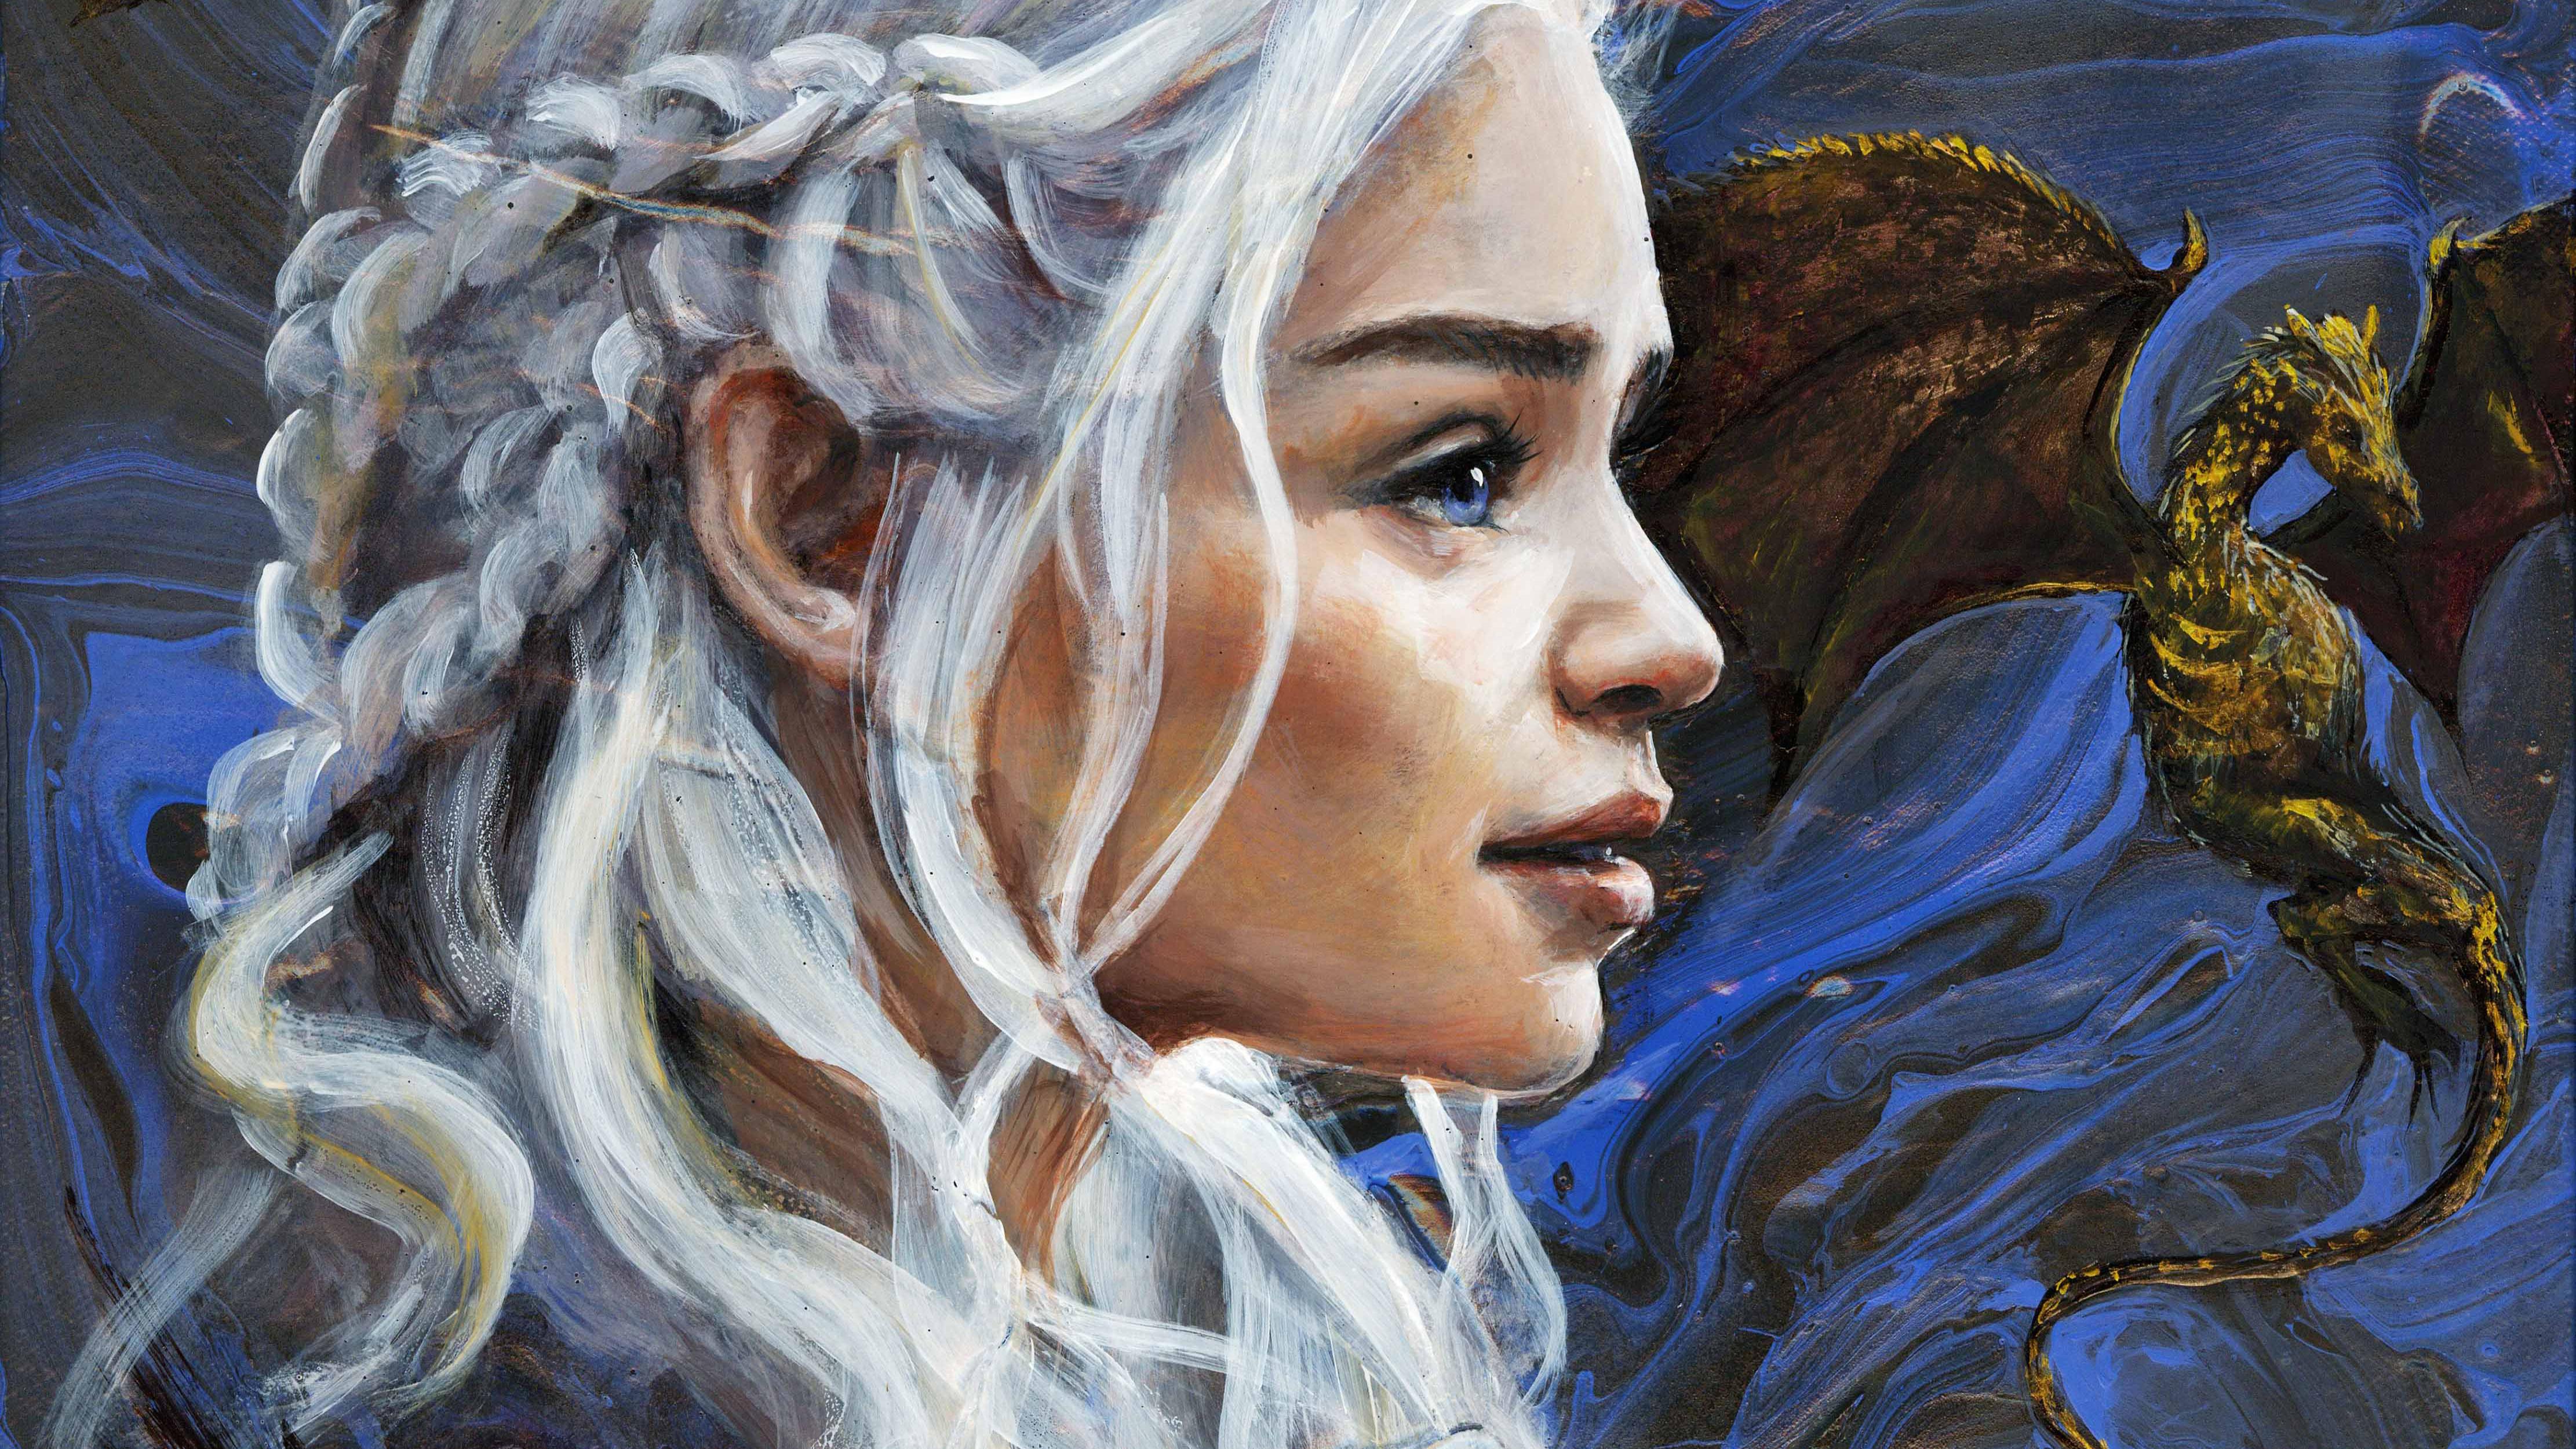 daenerys targayen artwork 5k 1577914855 - Daenerys Targayen Artwork 5k -